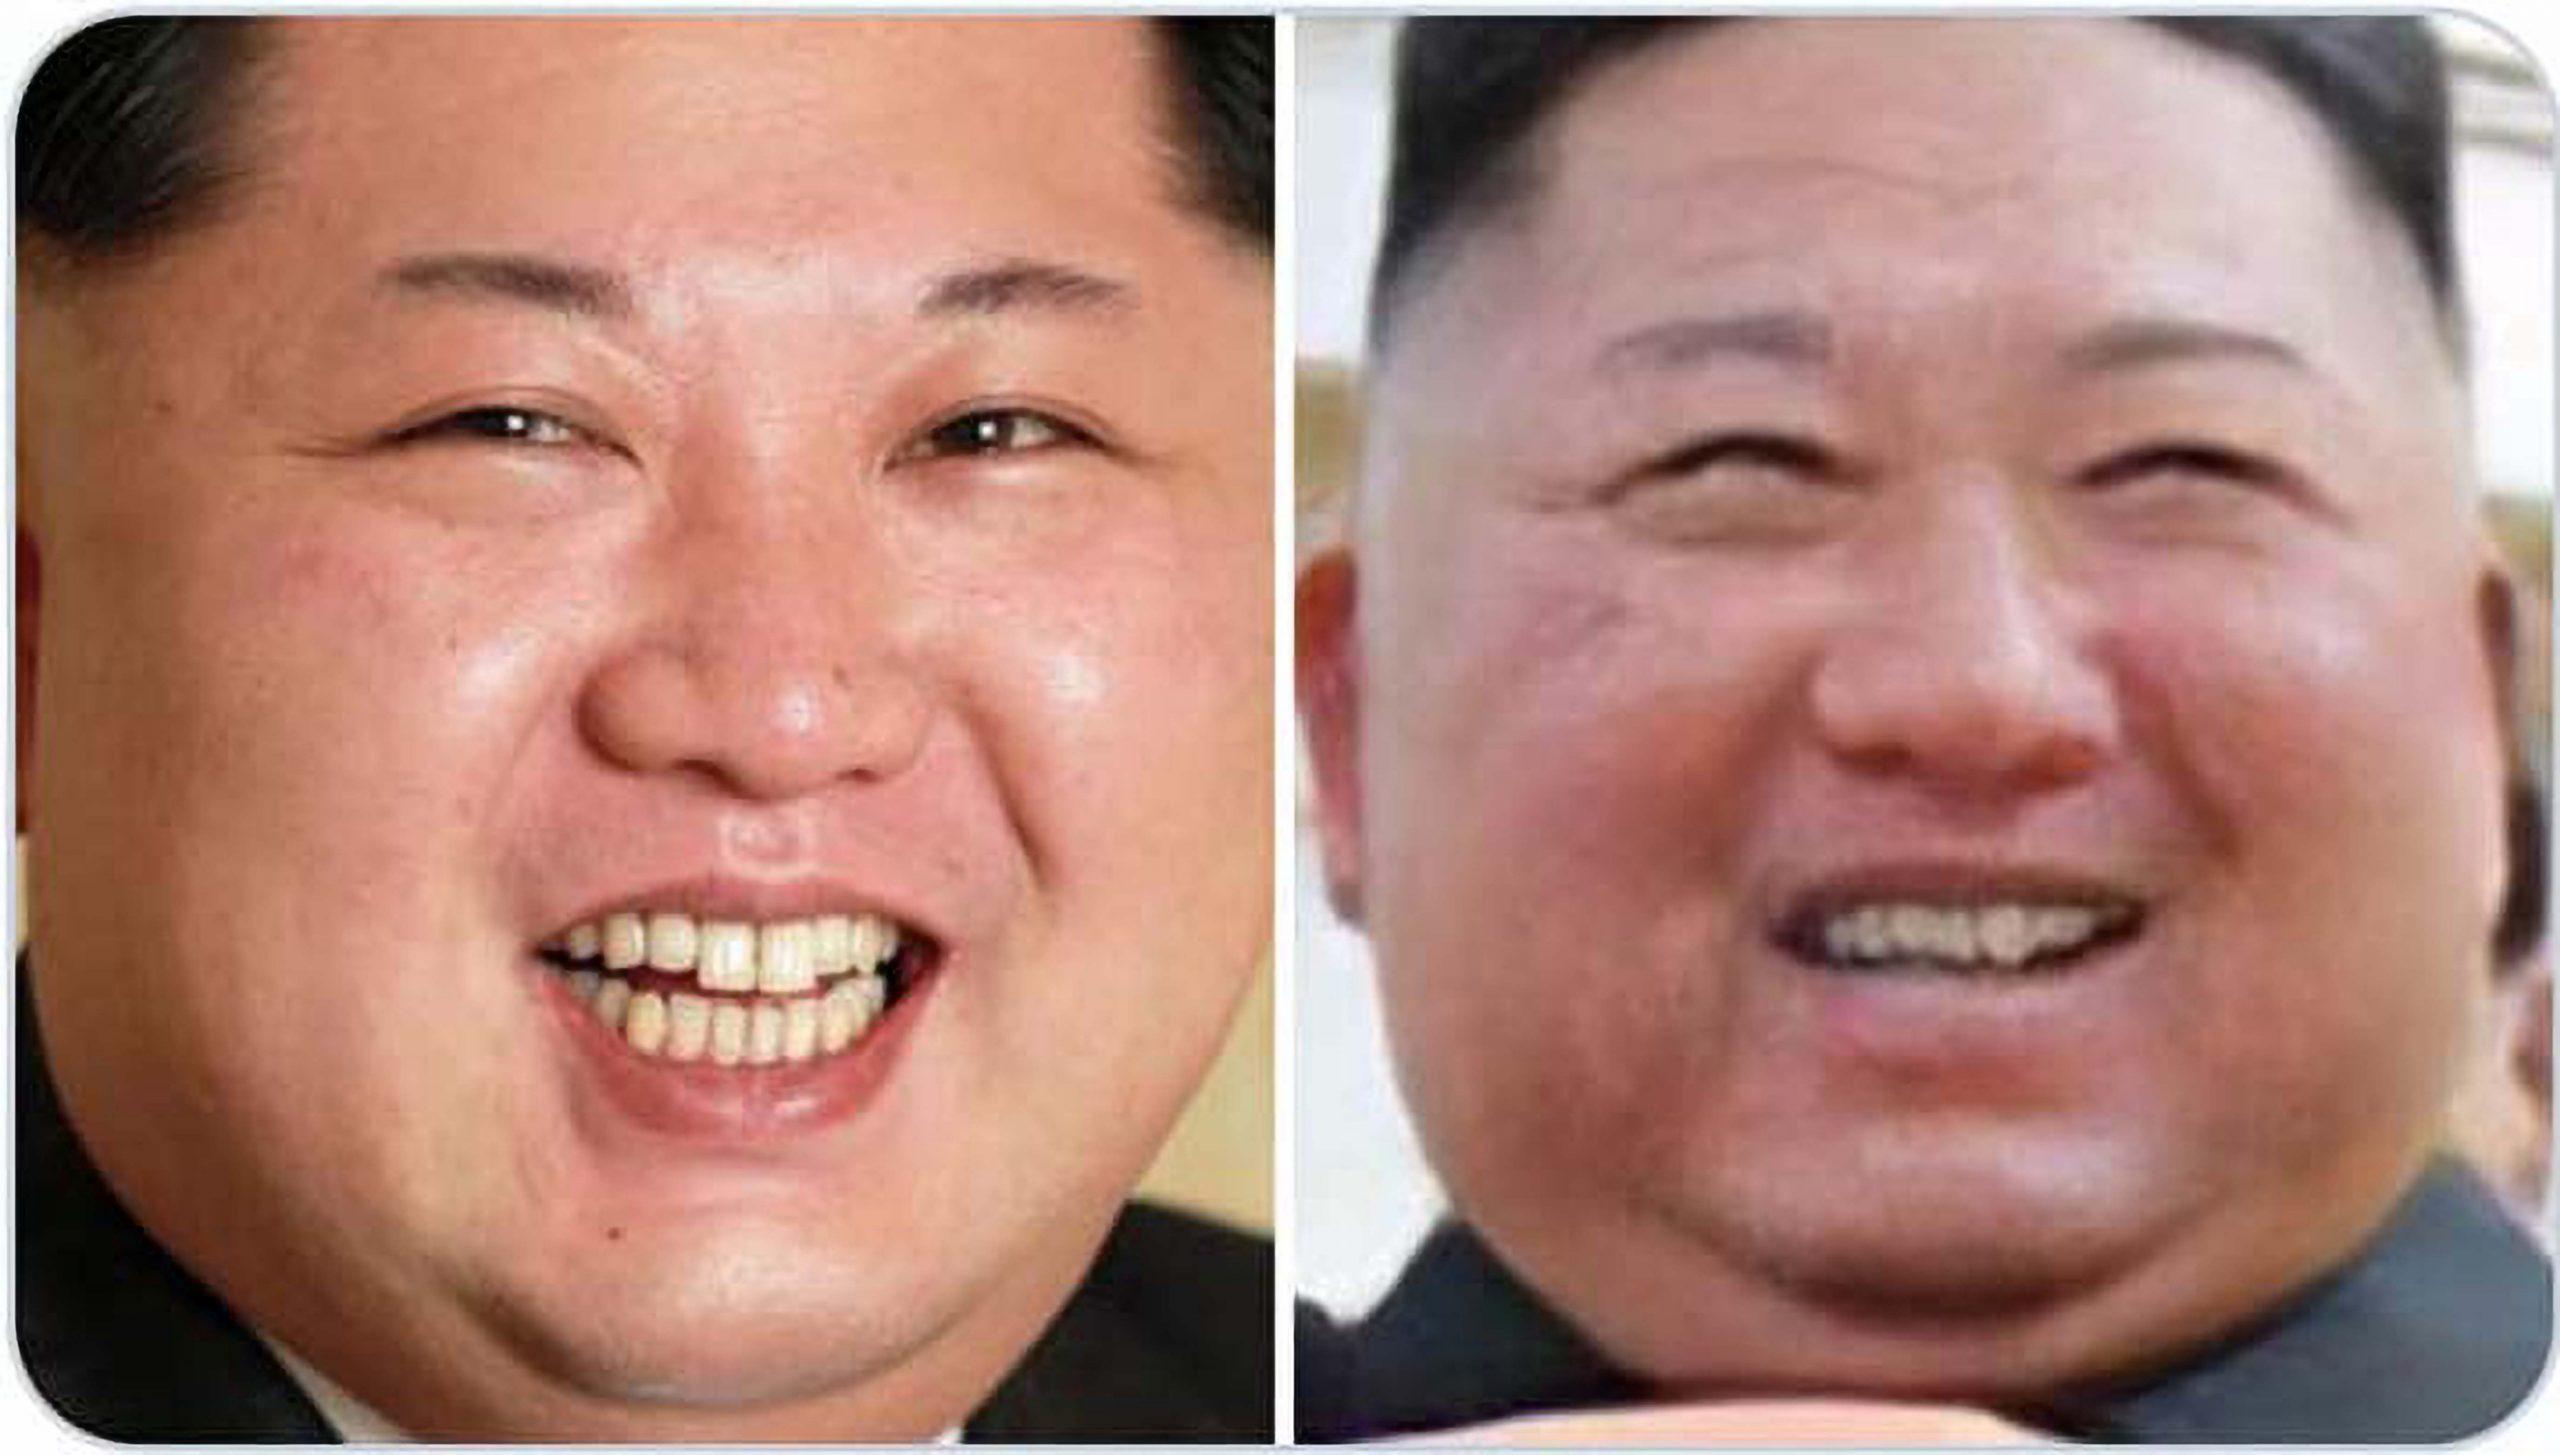 Hàm răng của Kim Jong-un xuất hiện ngày 1/5 (bên phải) khác nhiều so với trước đó. (Ảnh: NTDTV)